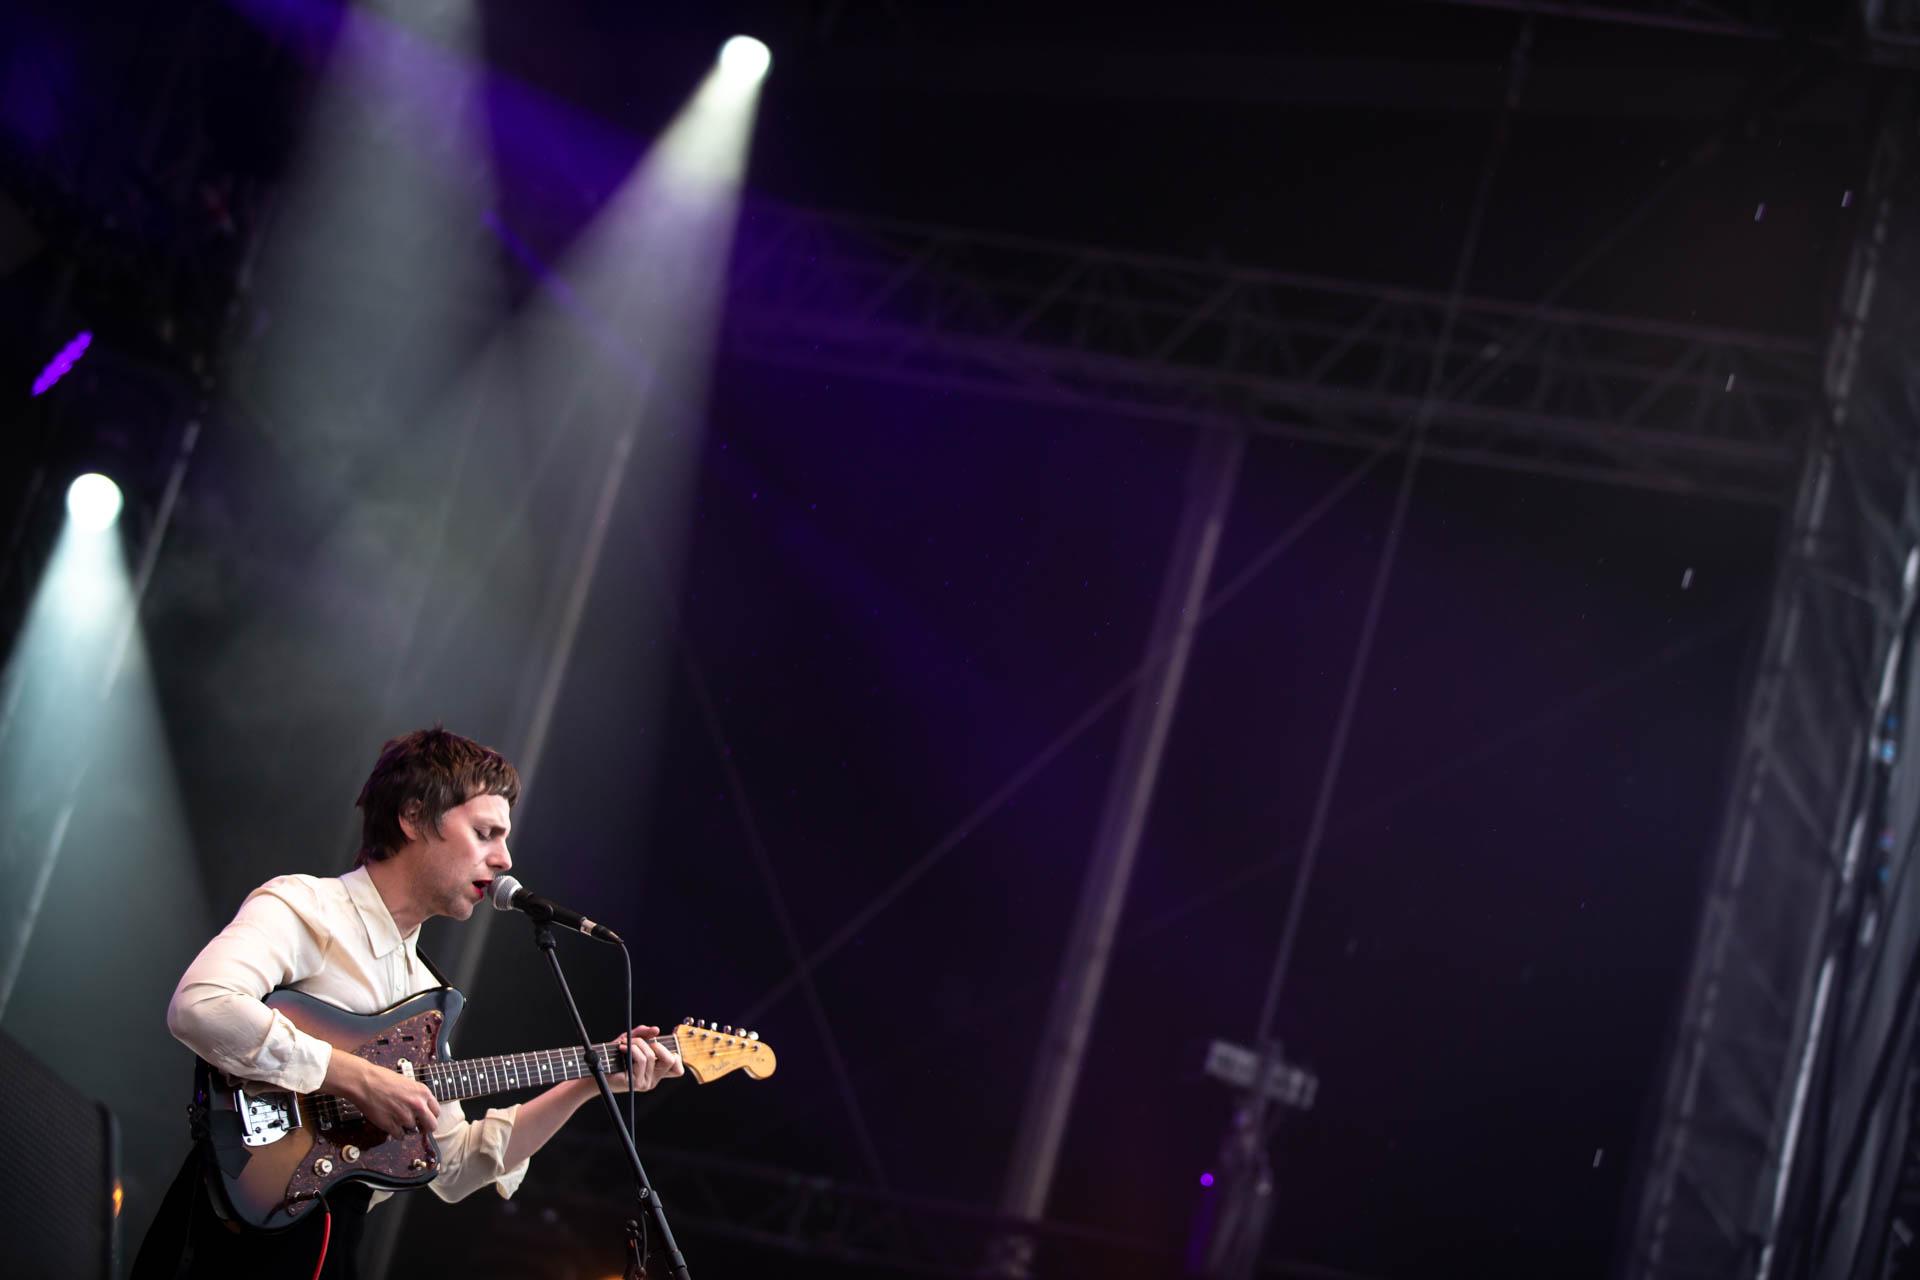 Tim-Presleys-White-Fence_©Nicolas-Joubard-0617